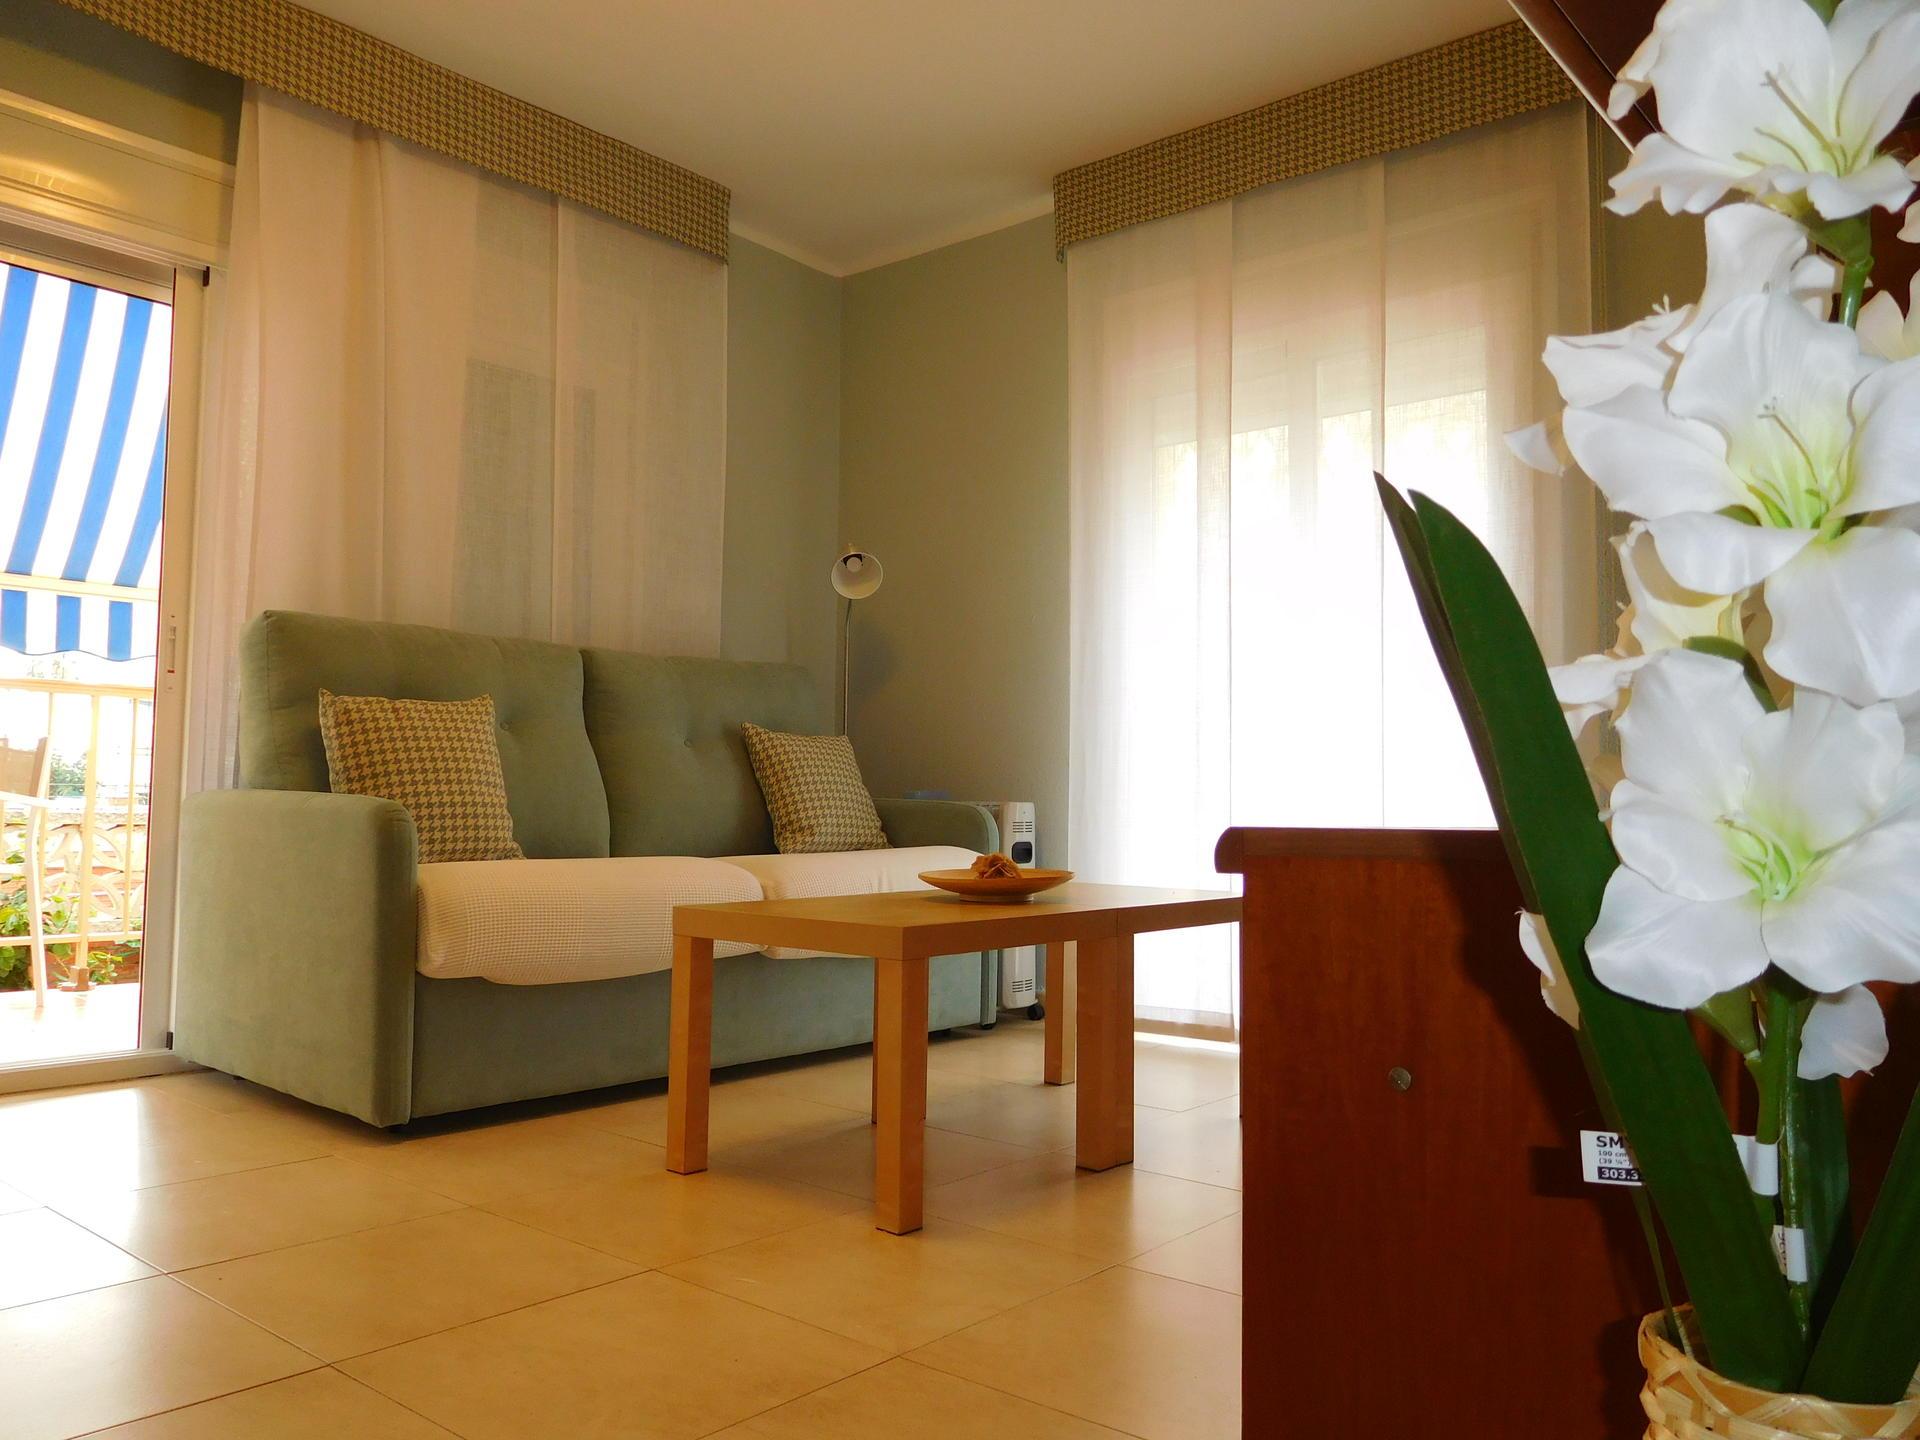 Apartament -                                       Cambrils -                                       2 dormitoris -                                       4 ocupants